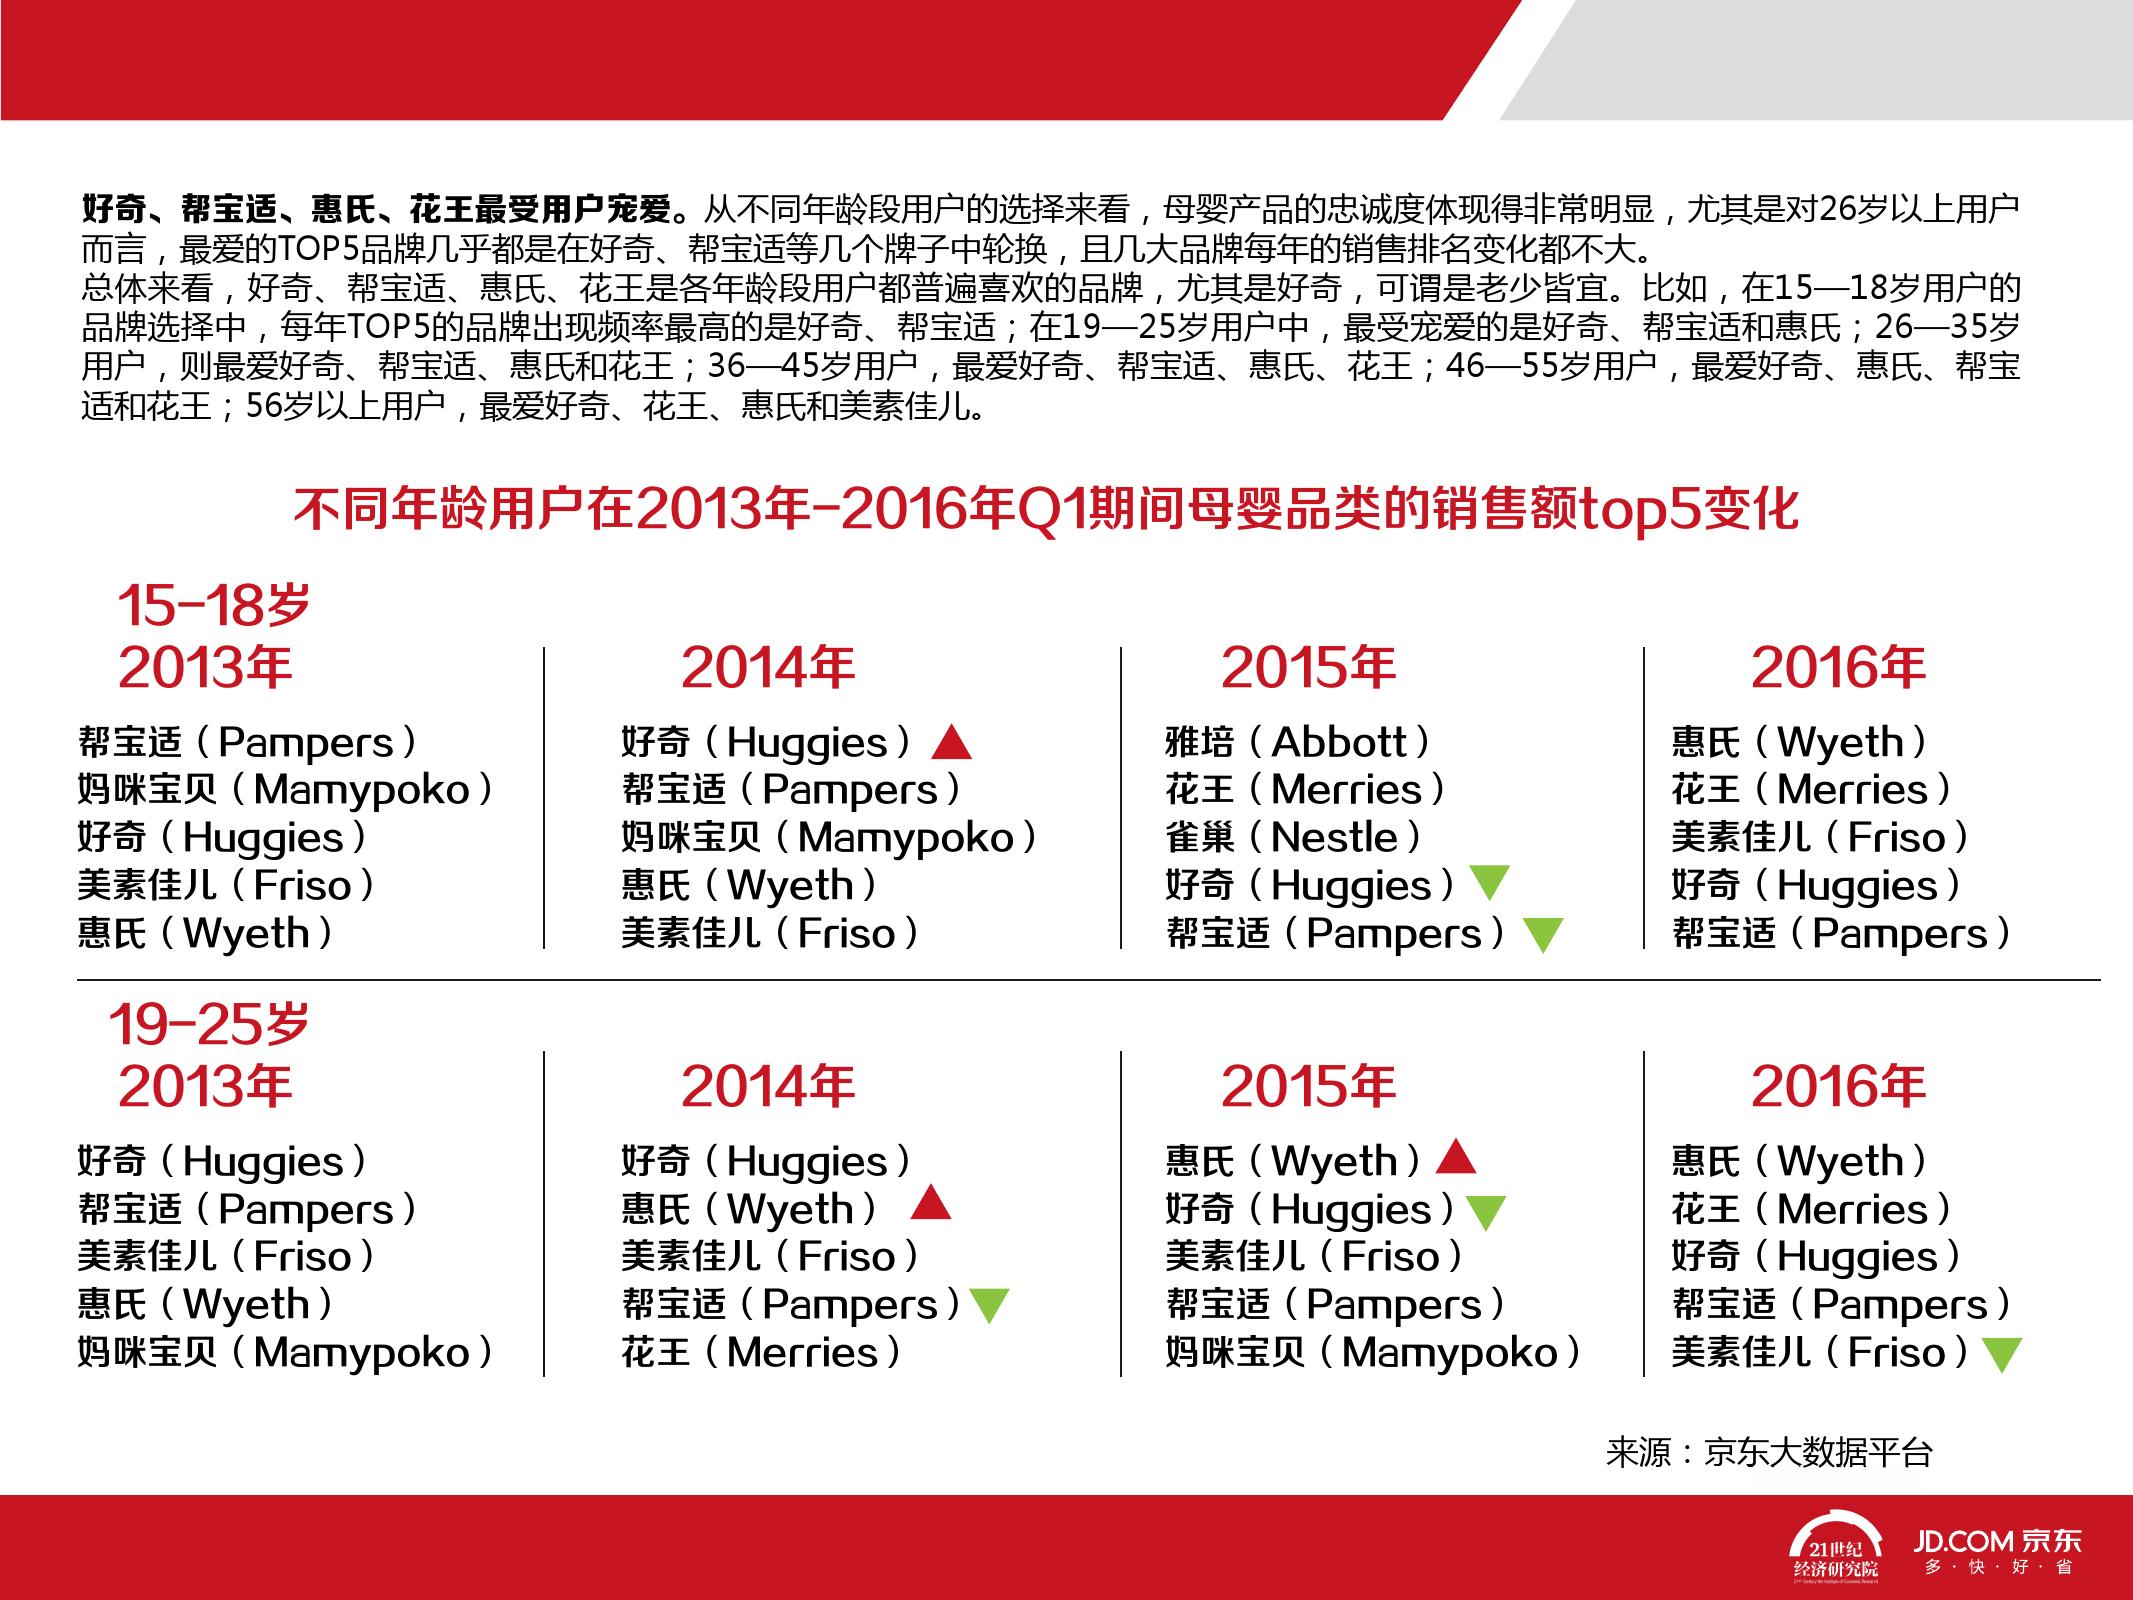 2016中国母婴产品消费趋势报告_000027